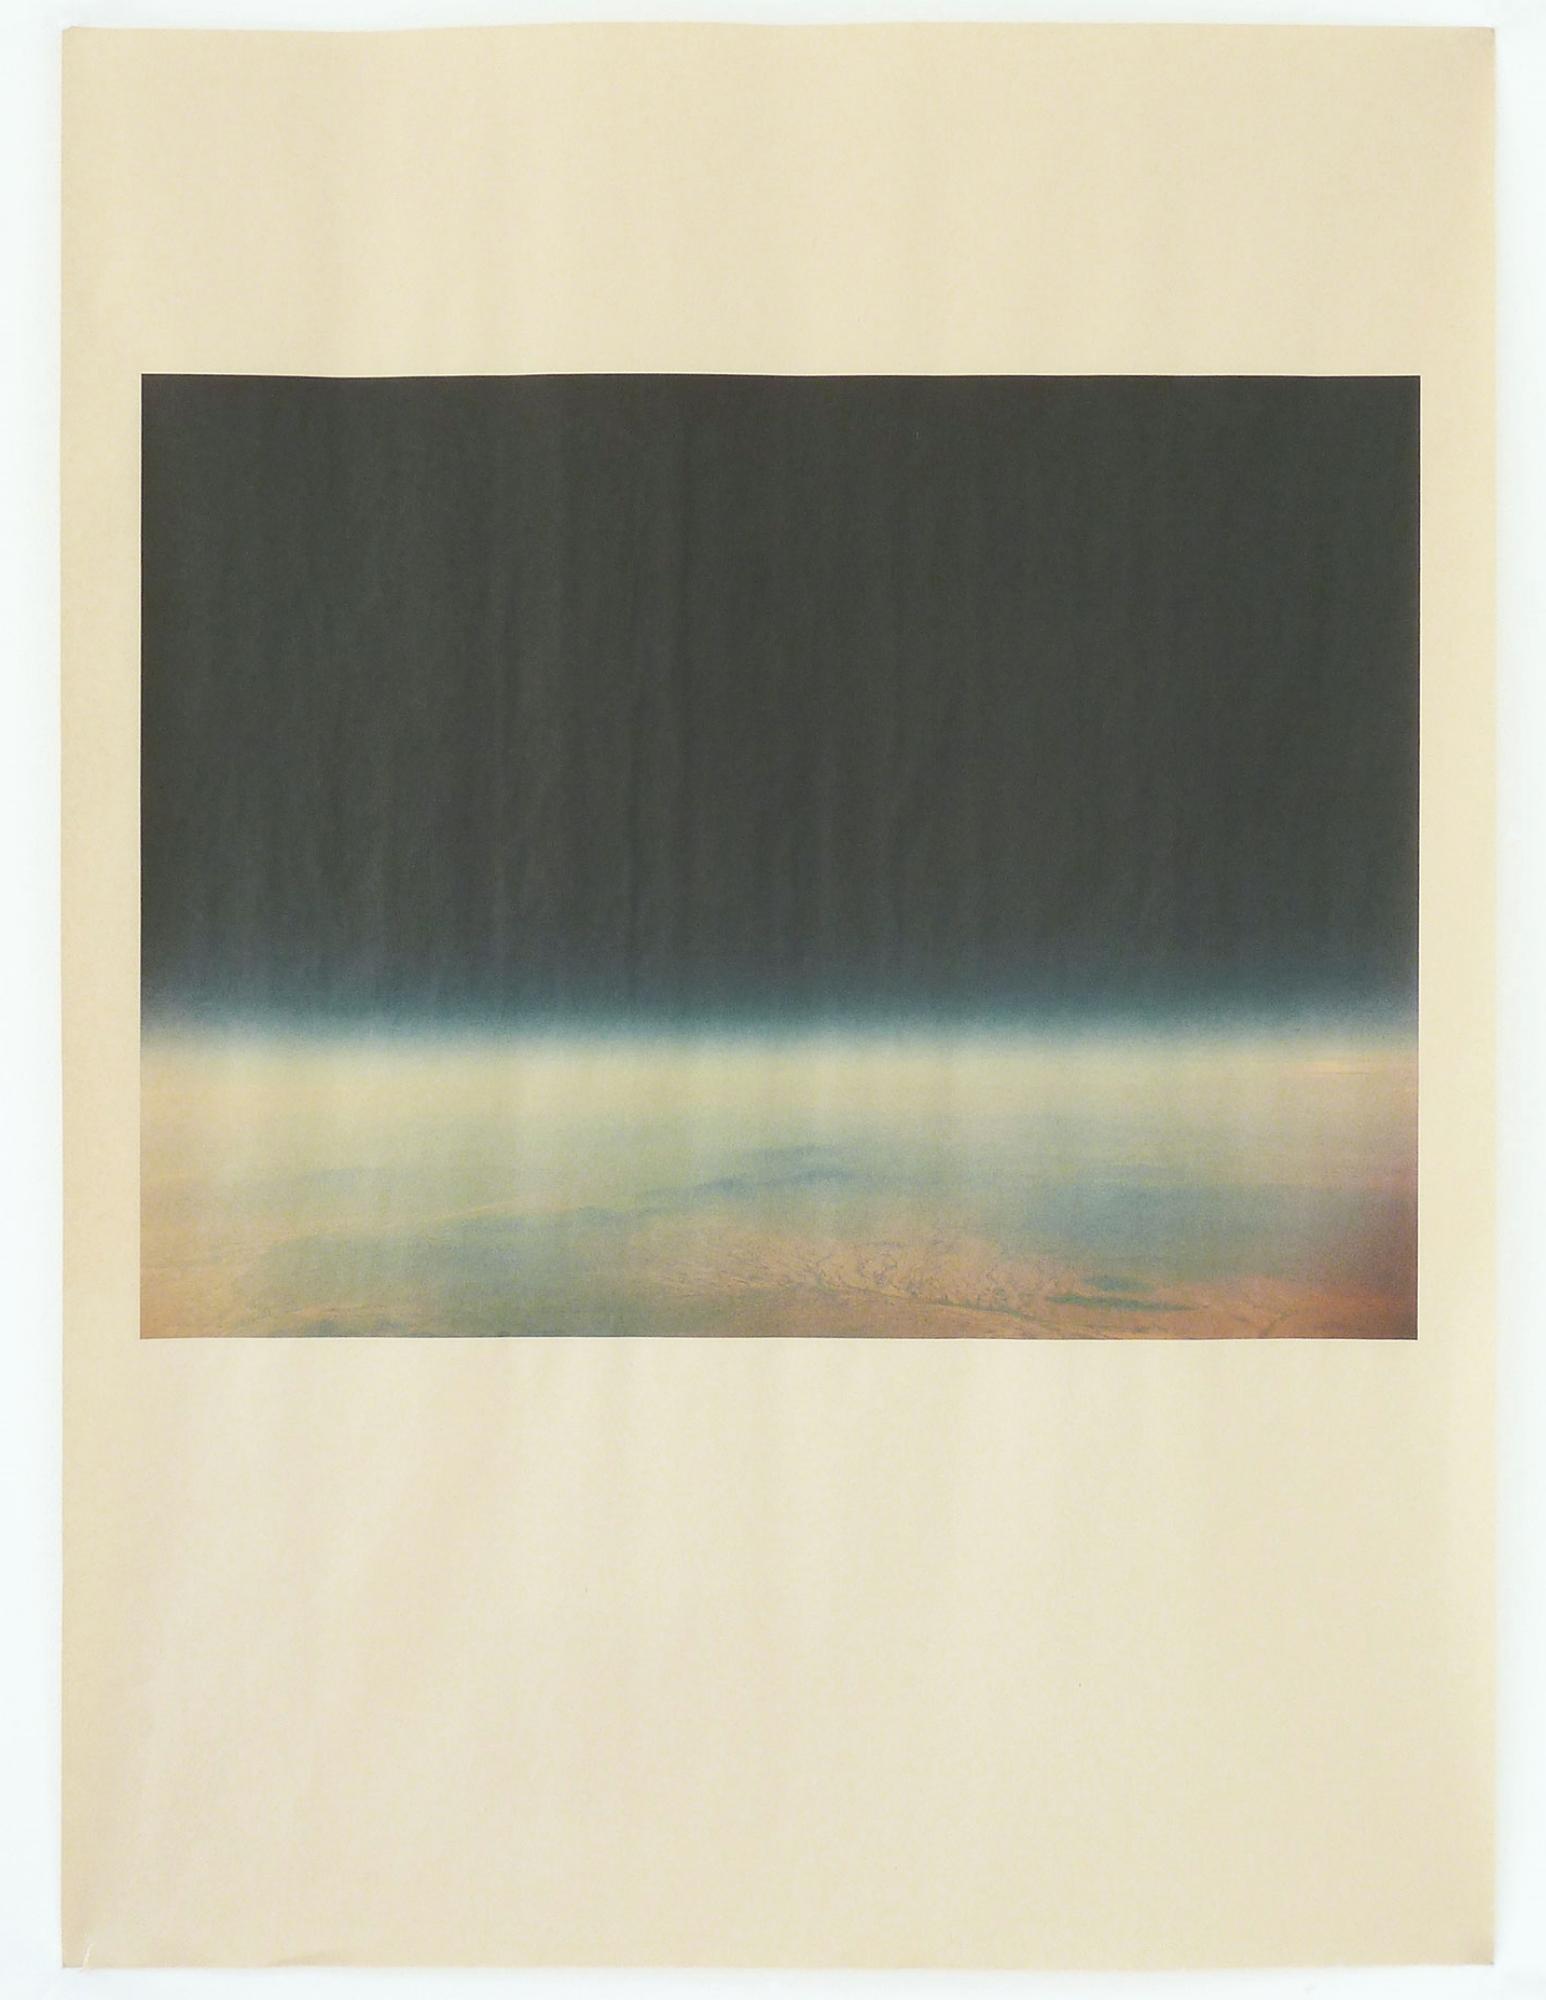 AZ_1164 , unique pigment print on newsprint, 18 x 24 inches, 2015